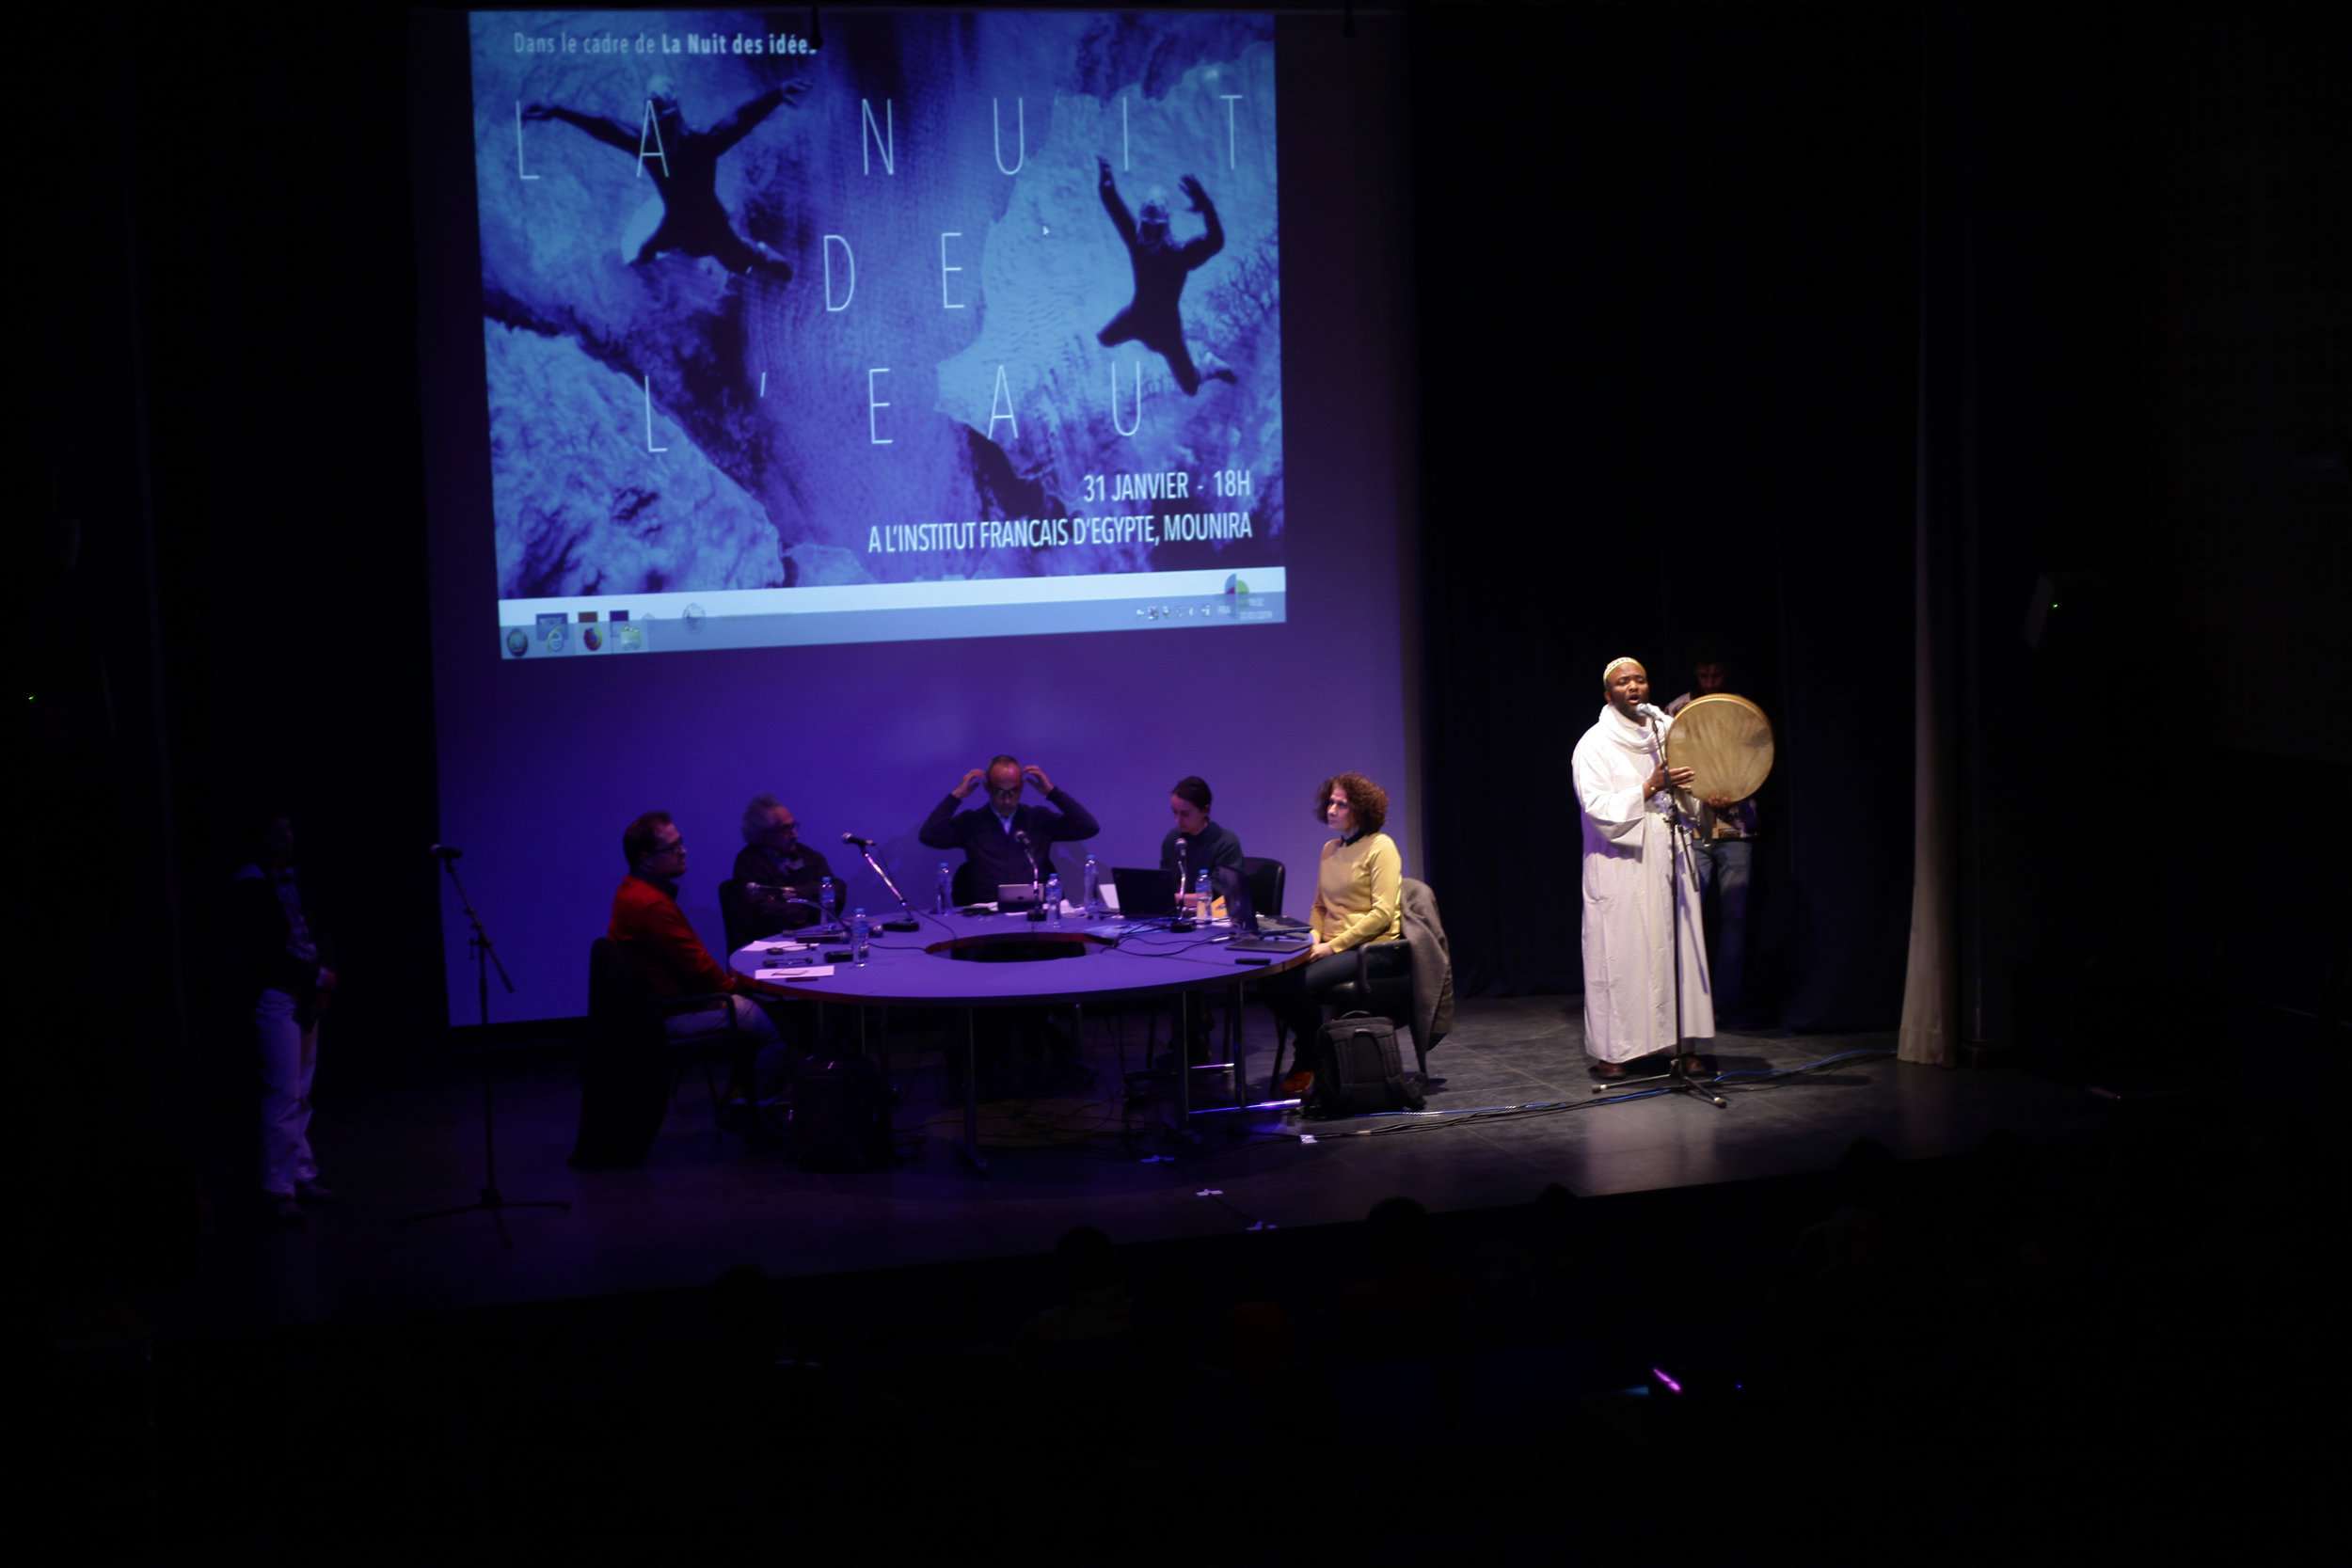 Nuit de l'eau, 31/01/2019. Robin Seignobos, Sonallah Ibrahim, Lionel Ruffel, Elvina Le Poul, Ala Younis, groupe Africairo.